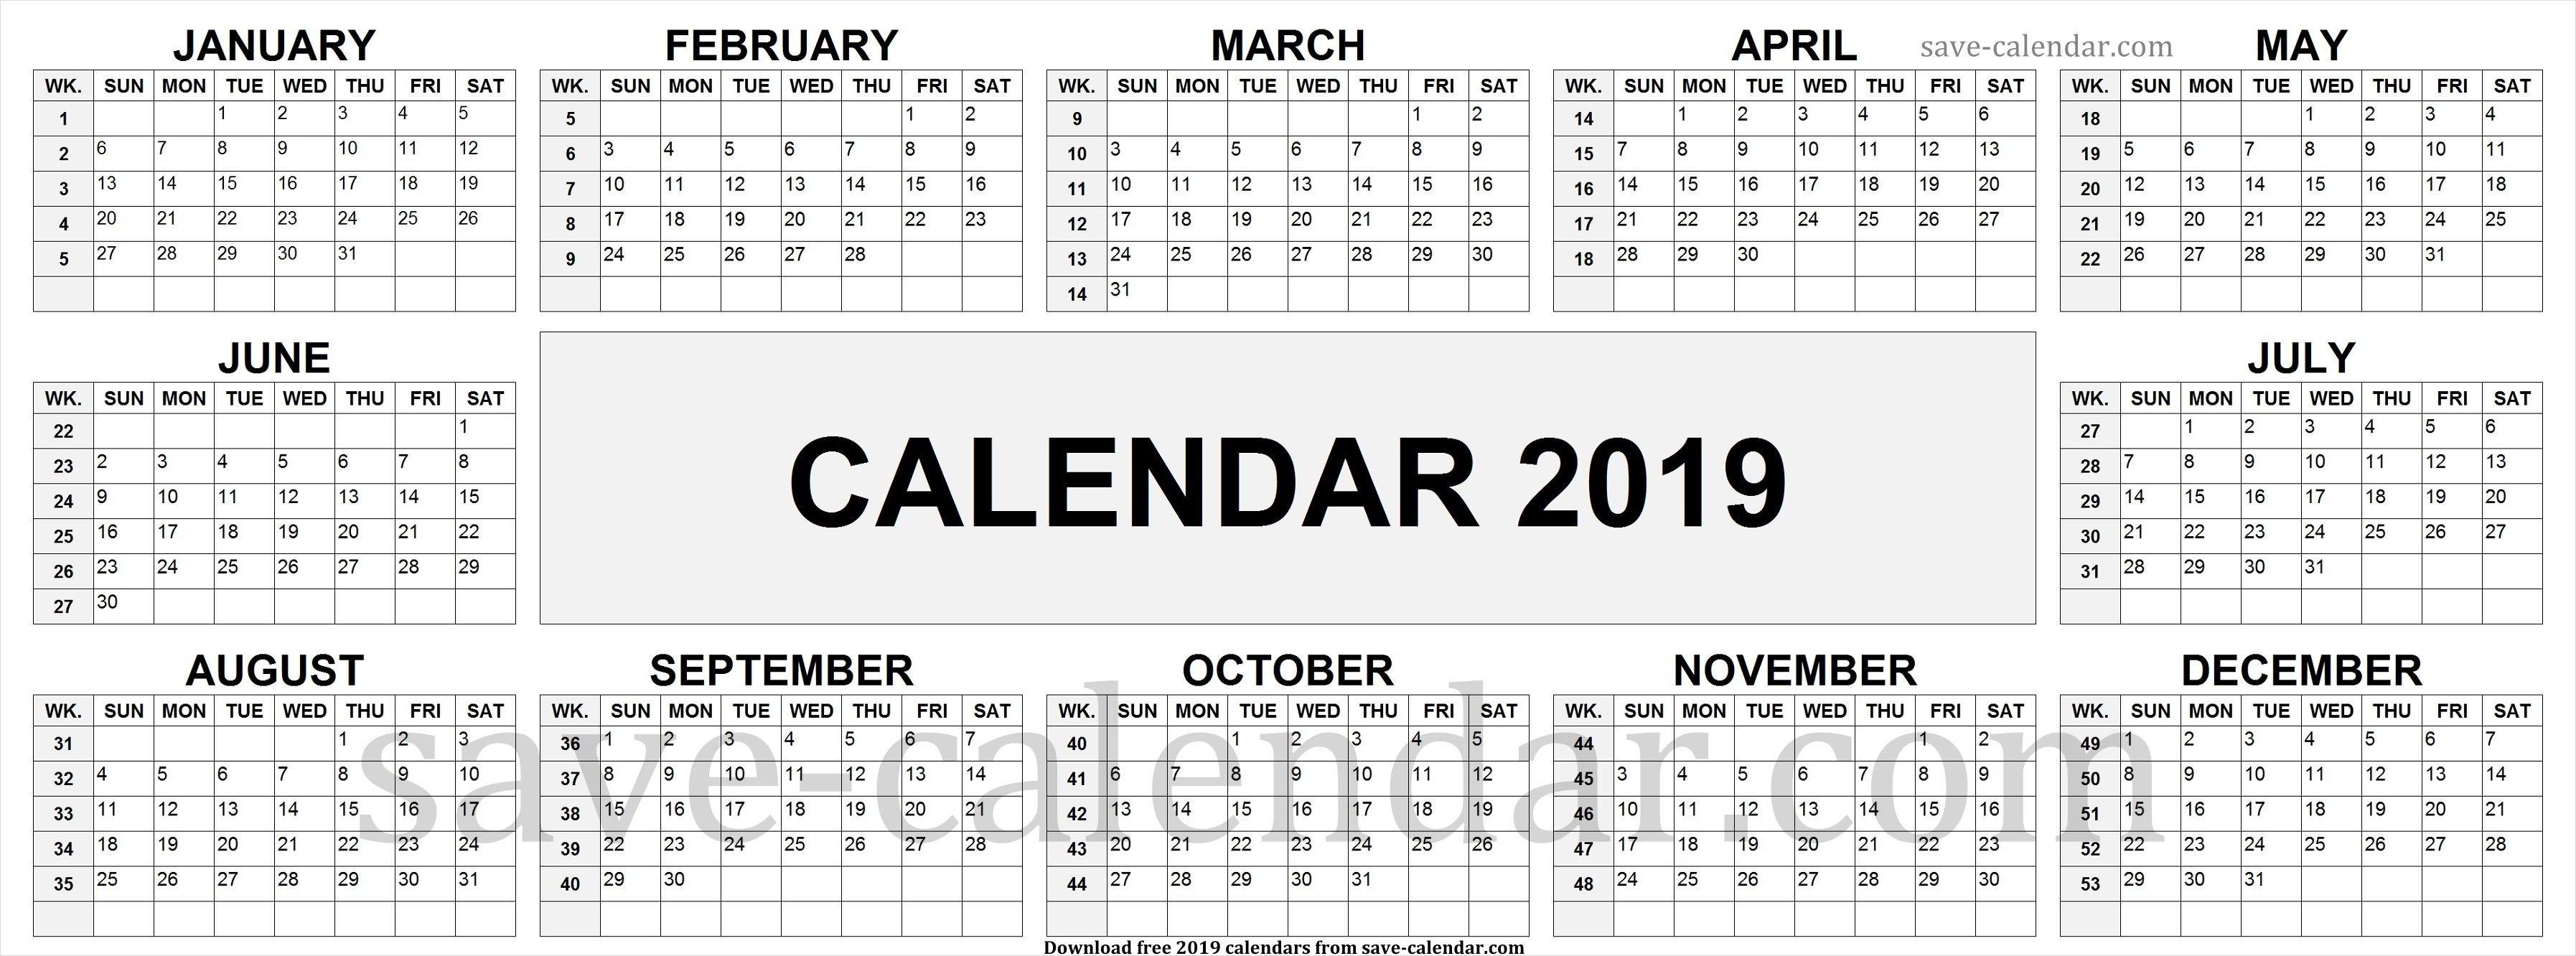 2019 Calendarweek Numbers | Calendar 2019 With Week Numbers Calendar 2019 Excel With Week Numbers